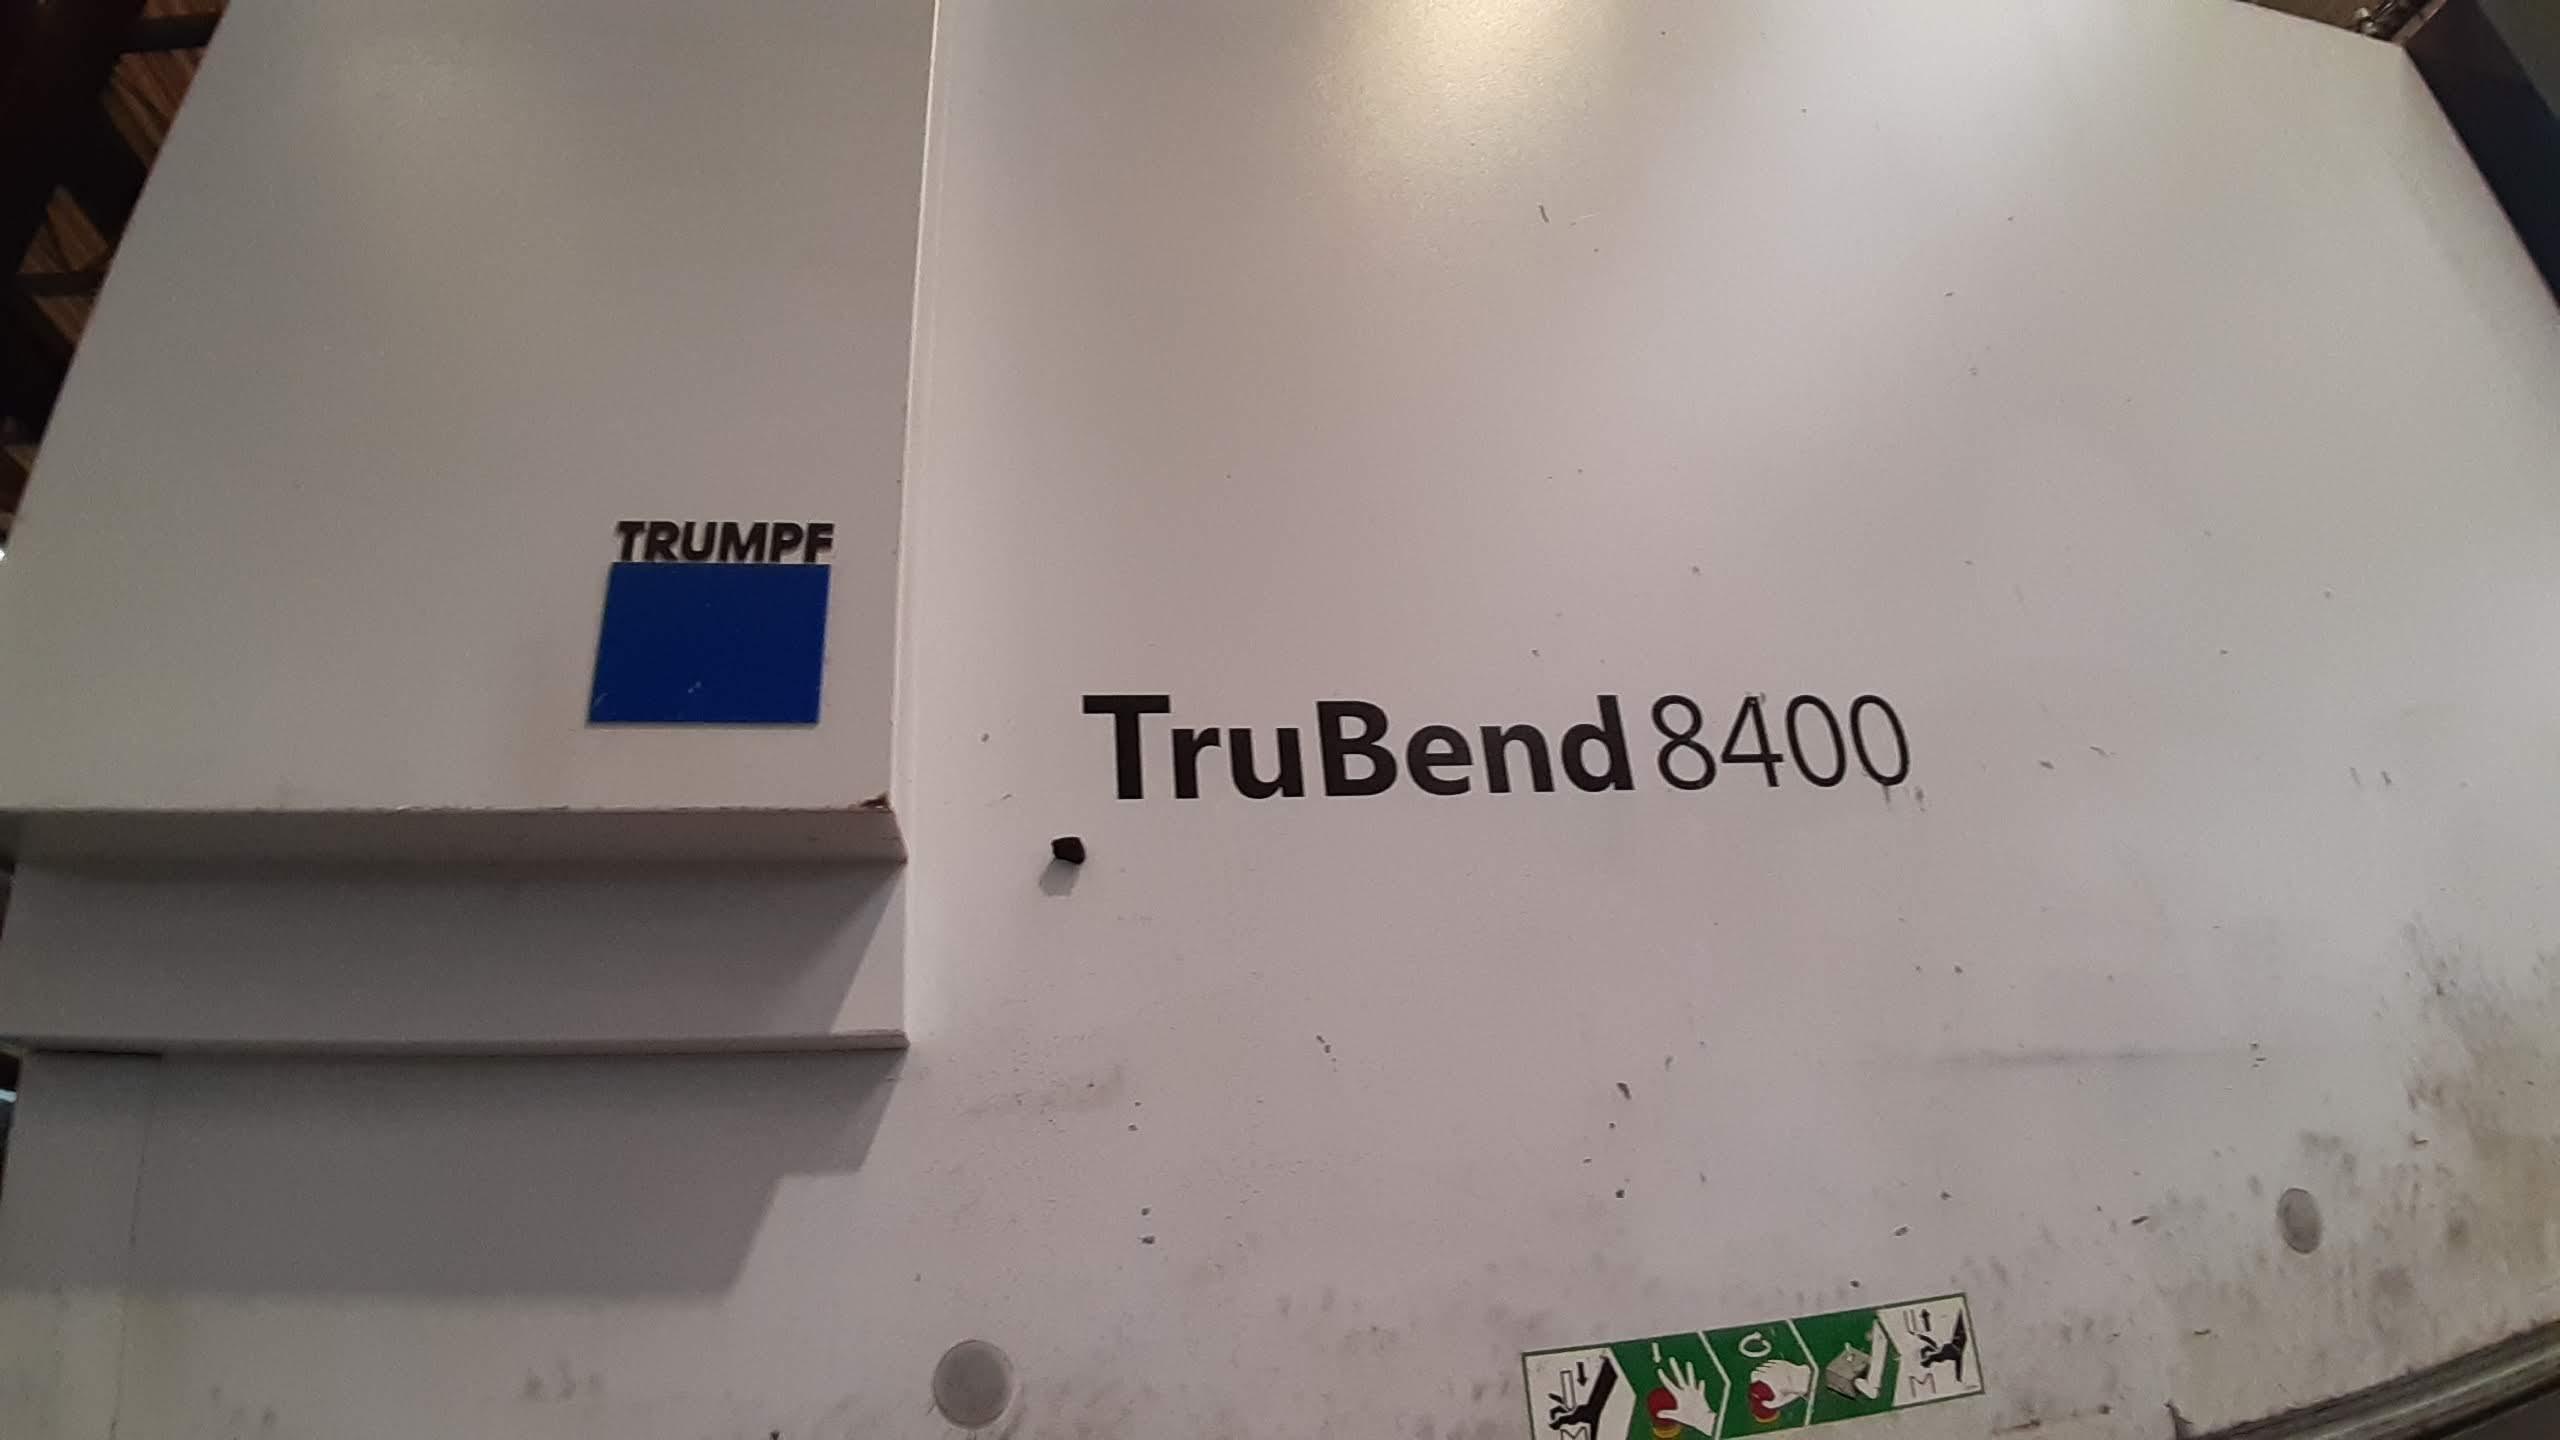 5430-truebend8400-yop2019.04